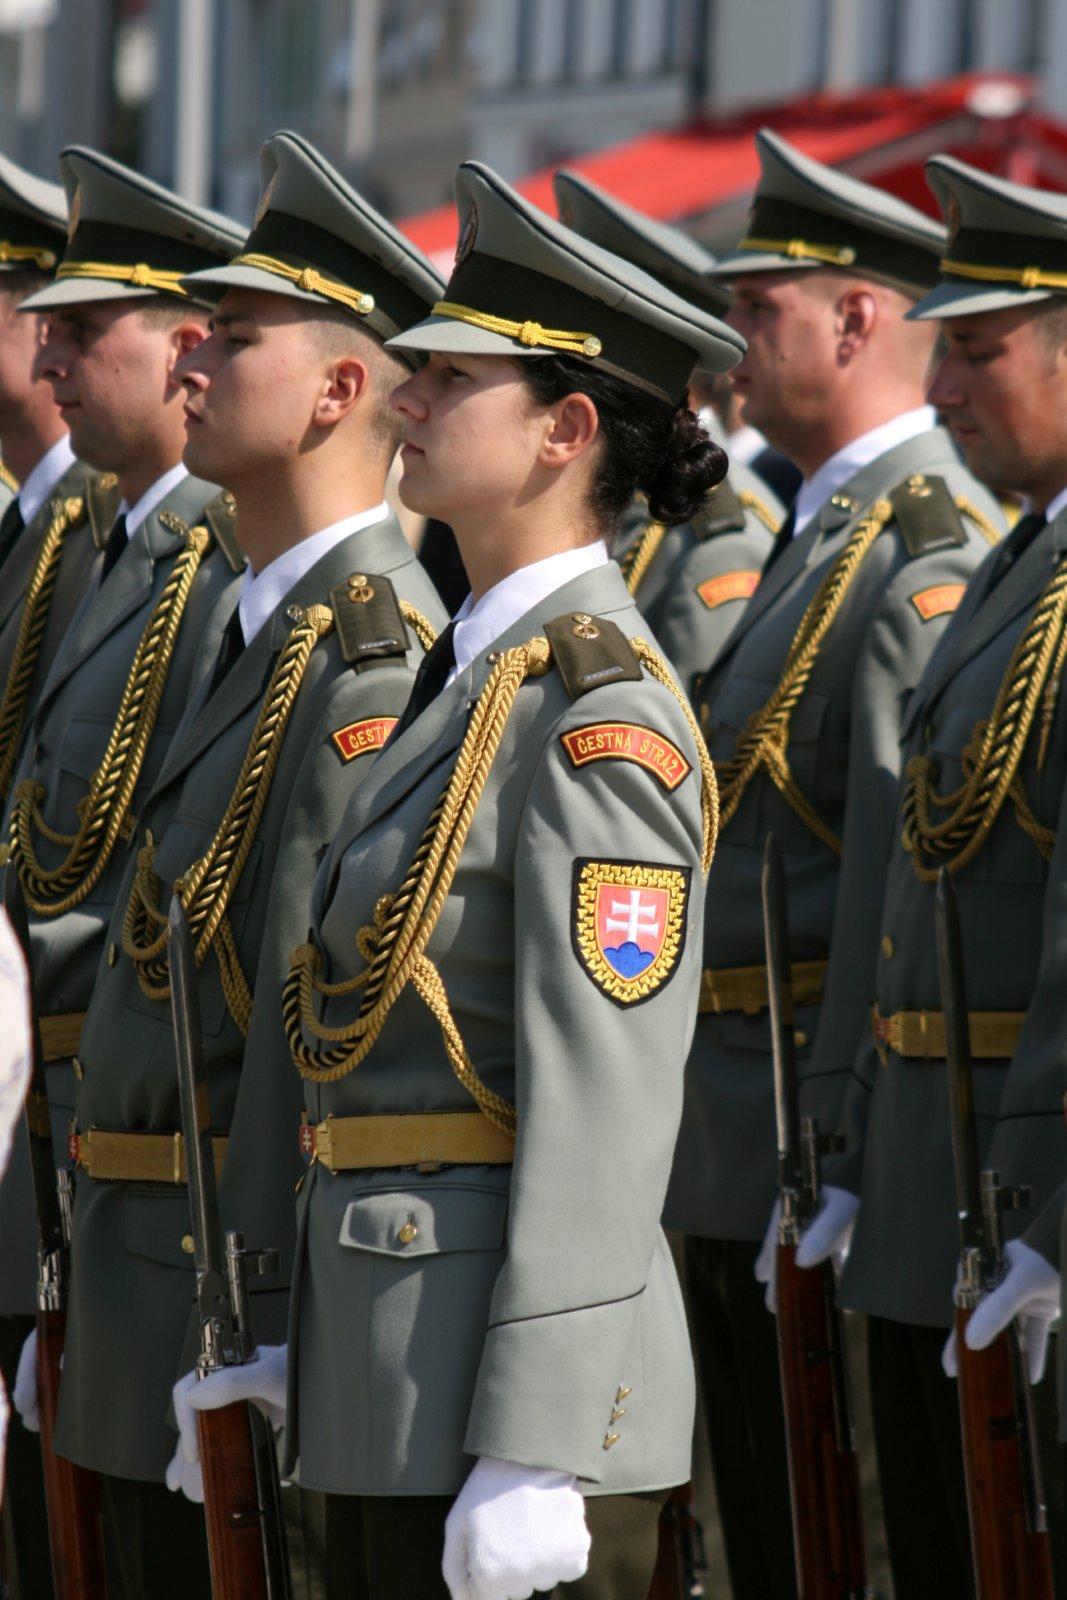 snp-zvolen-2009-44